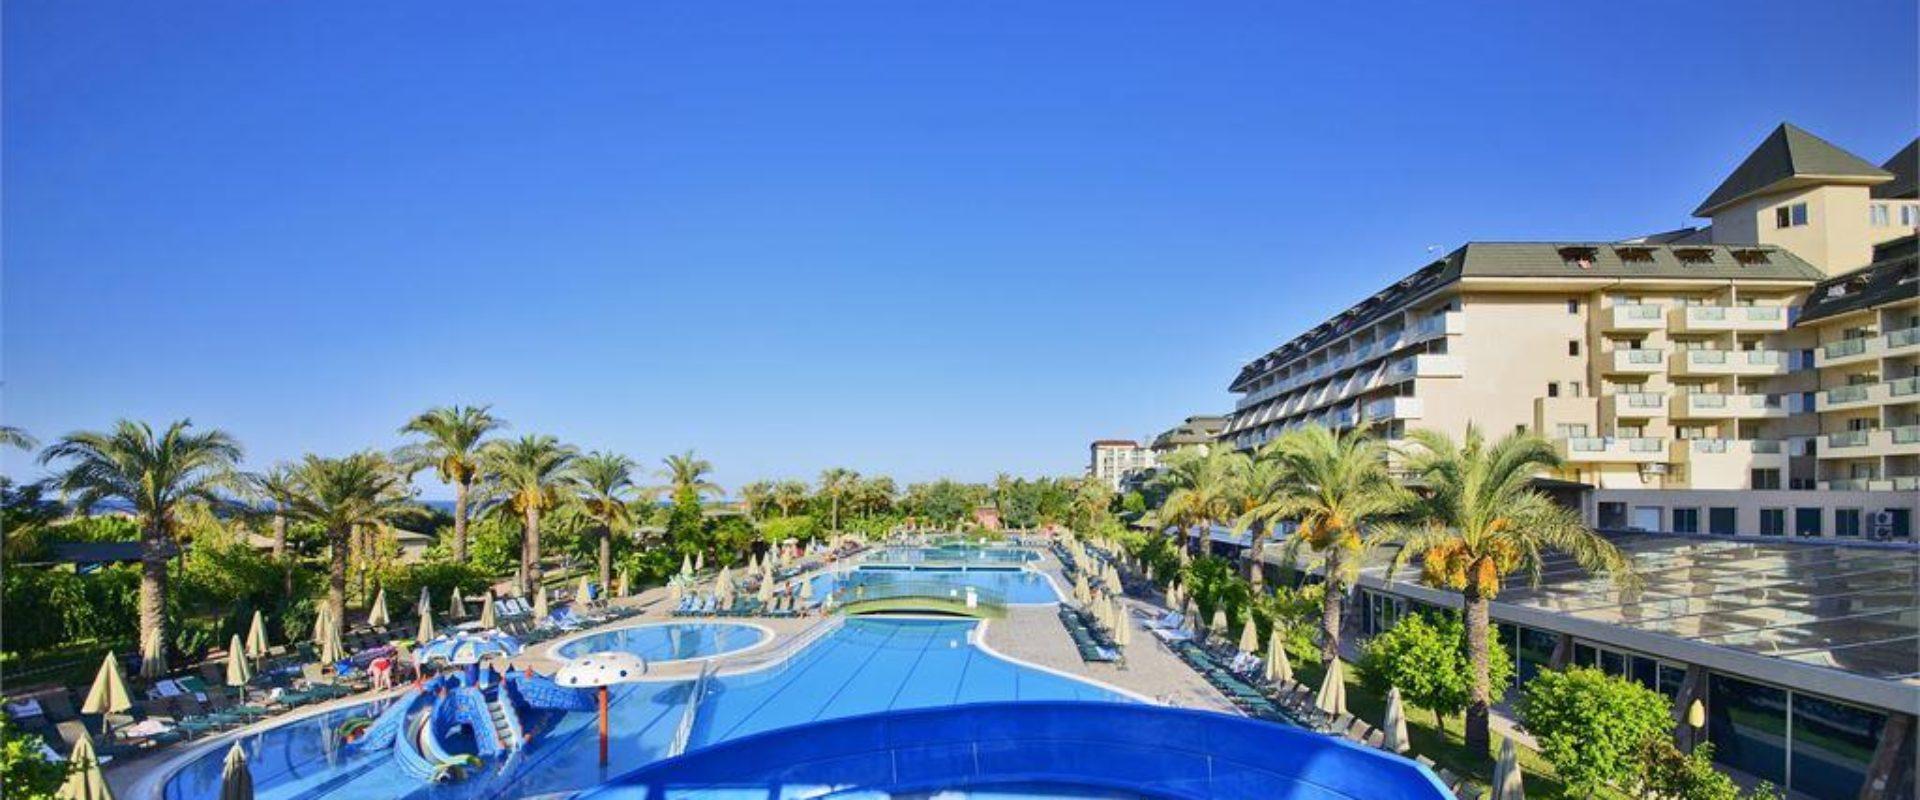 Отдых в Турцию 2020, Аланья, Отель MC Arancia Resort